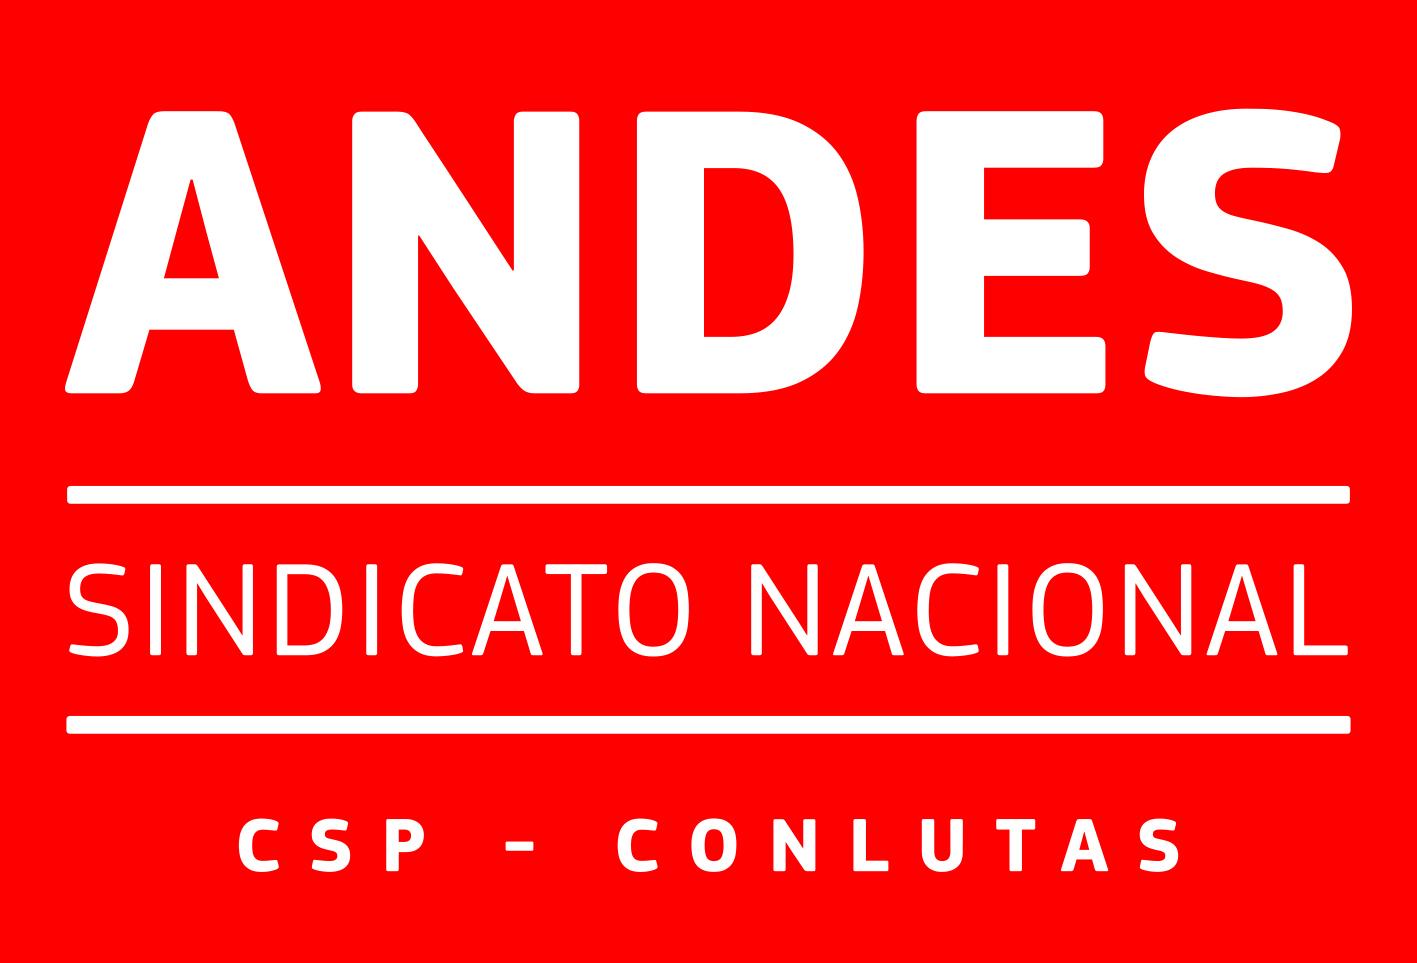 ANDES: Nota de repúdio à Contrarreforma do Ensino Médio imposta pela MP 746/16